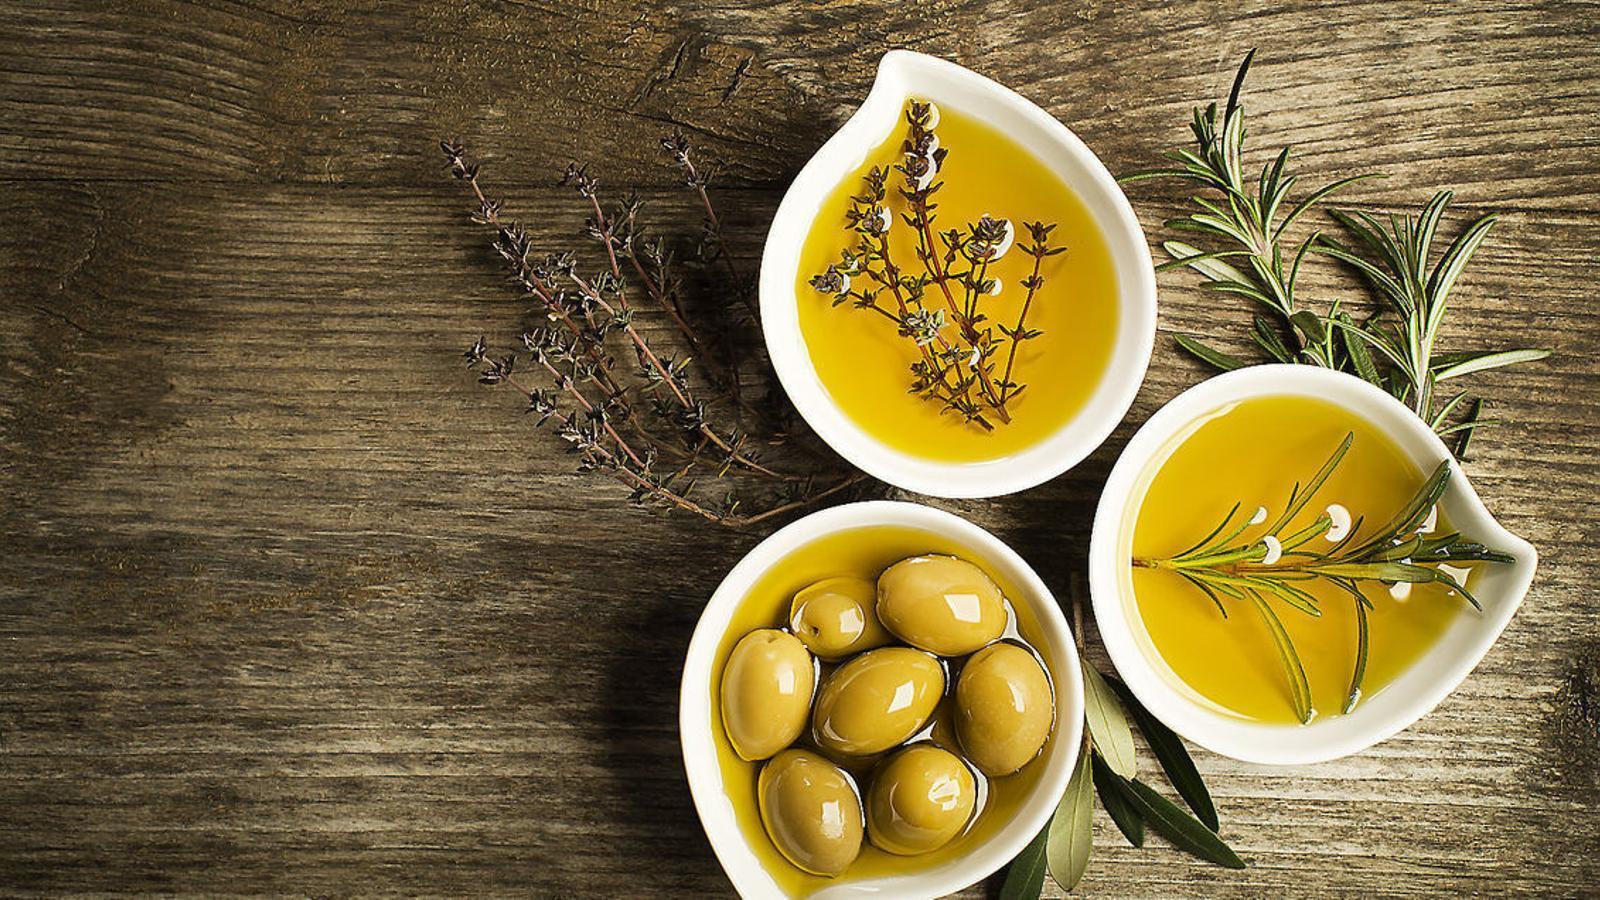 Què en saps de l'oli d'oliva? Les 6 informacions més rellevants sobre aquest greix saludable